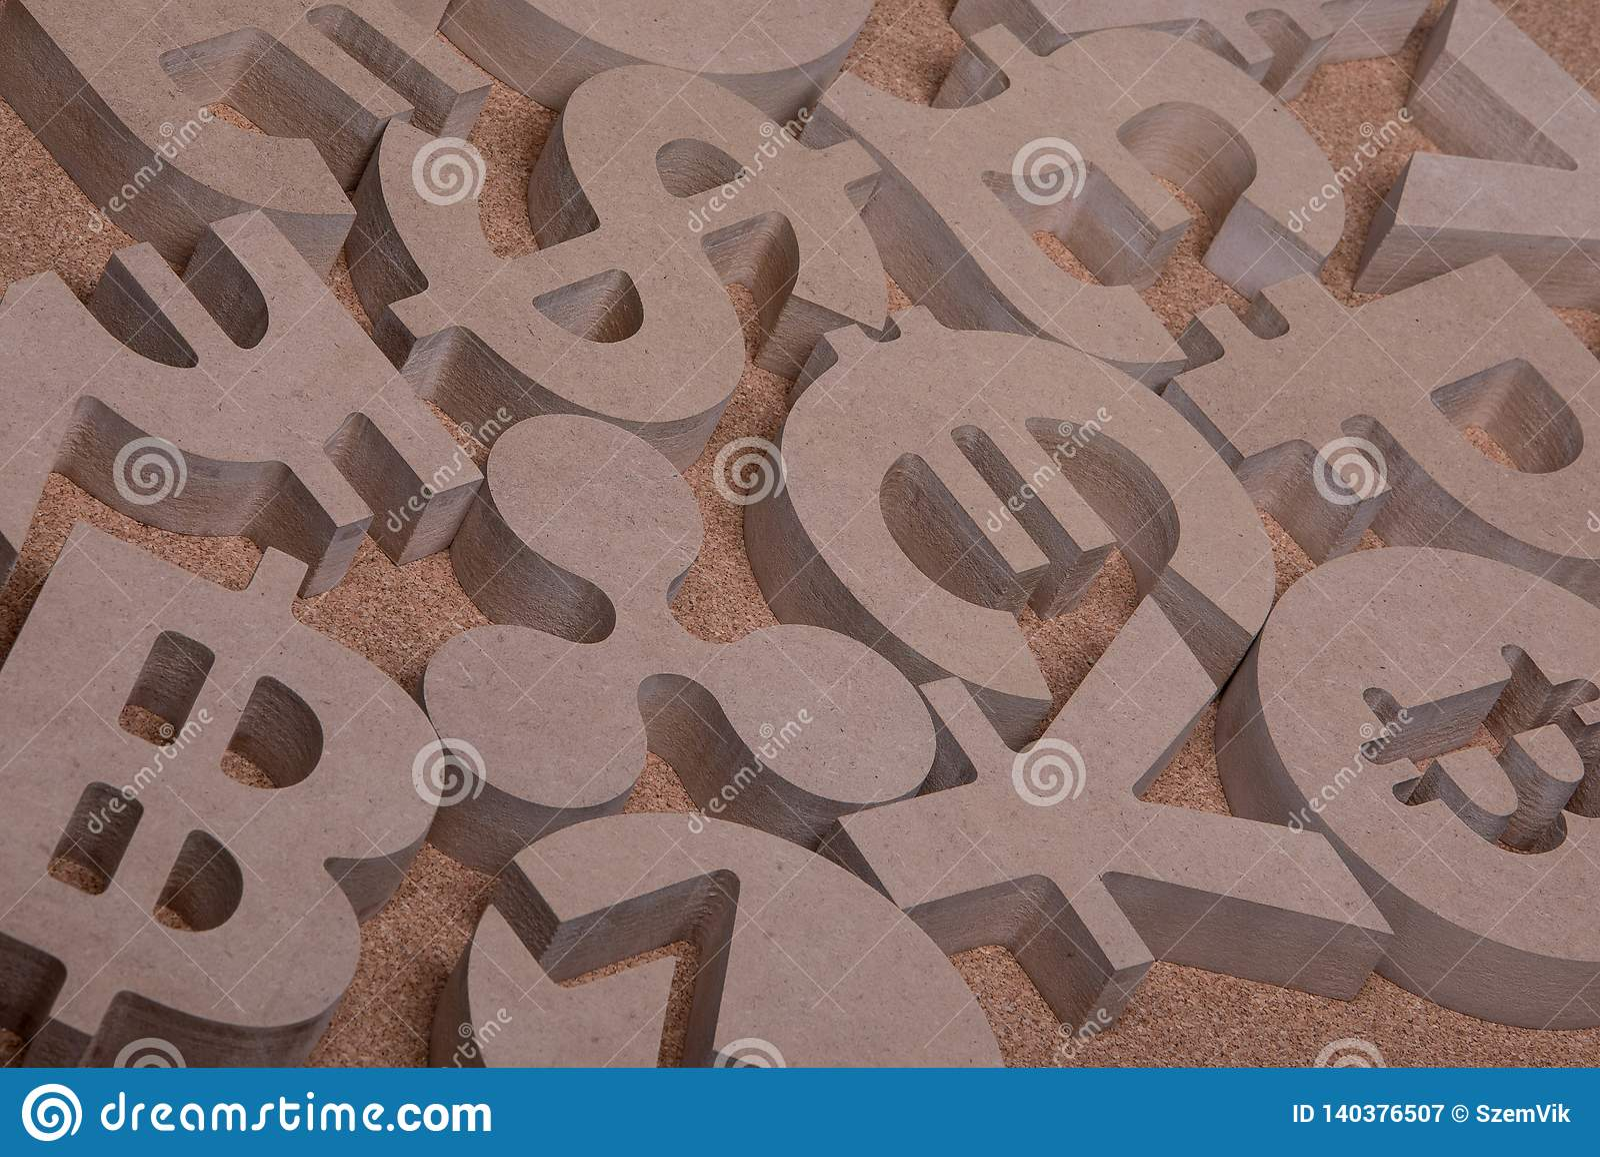 Drewniany Śpiewa lub symbole Światowe waluty w Grupowym obrazku